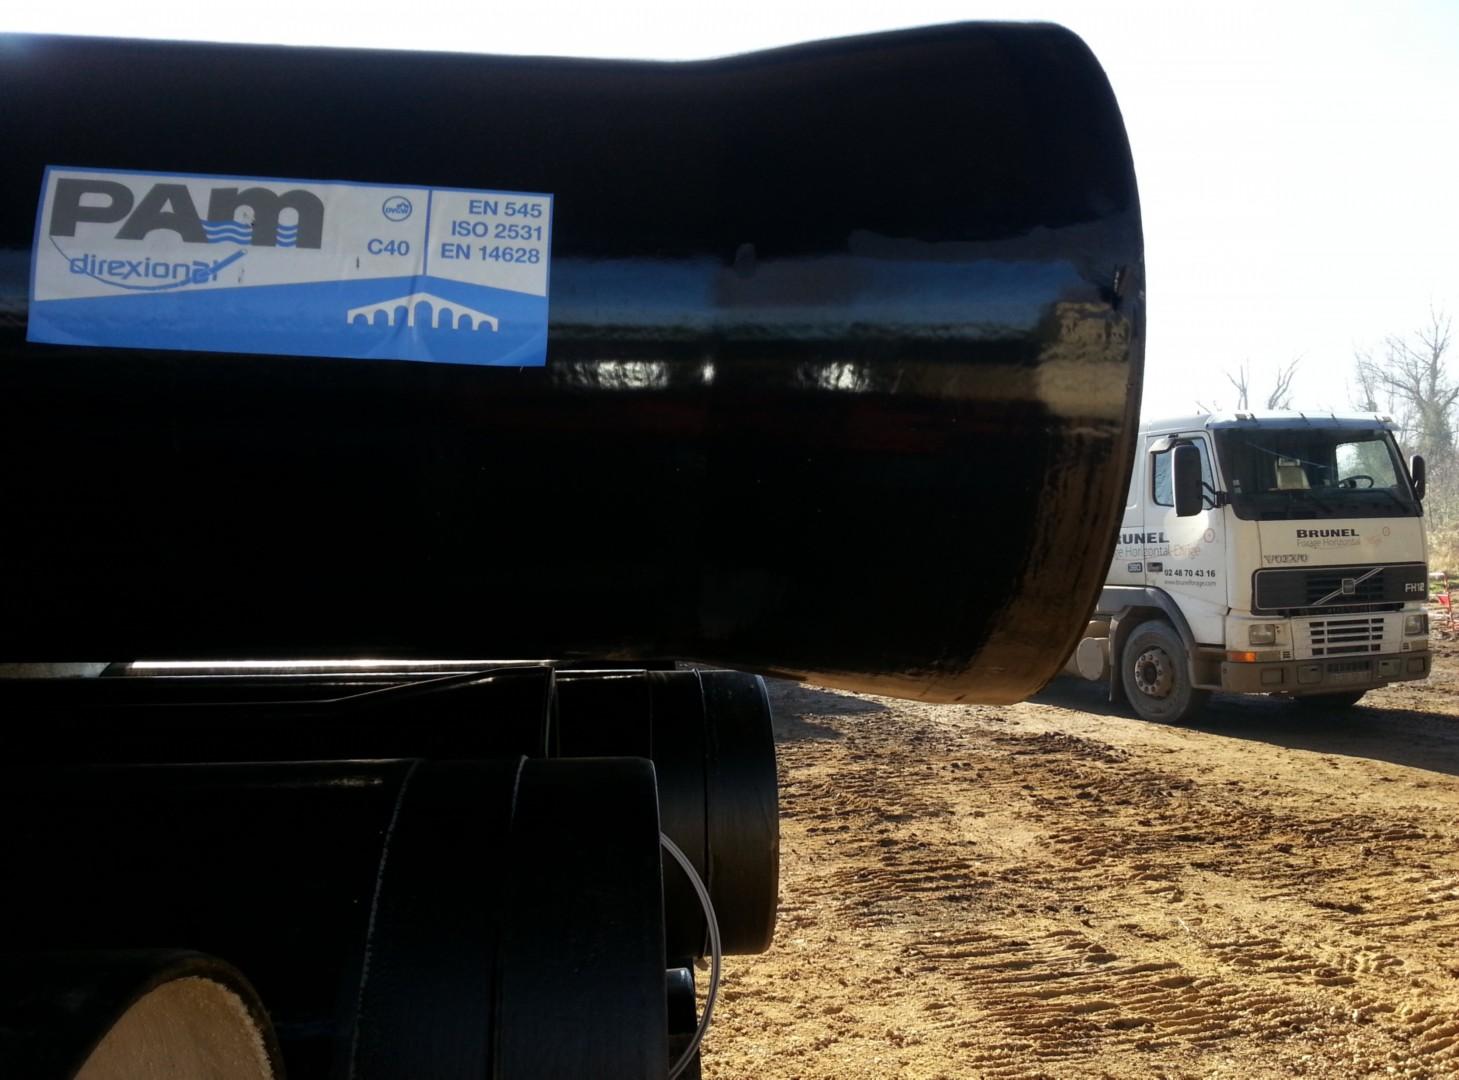 Saint-Gobain PAM Condotta Direxional - Microtunelling sotto la Loira